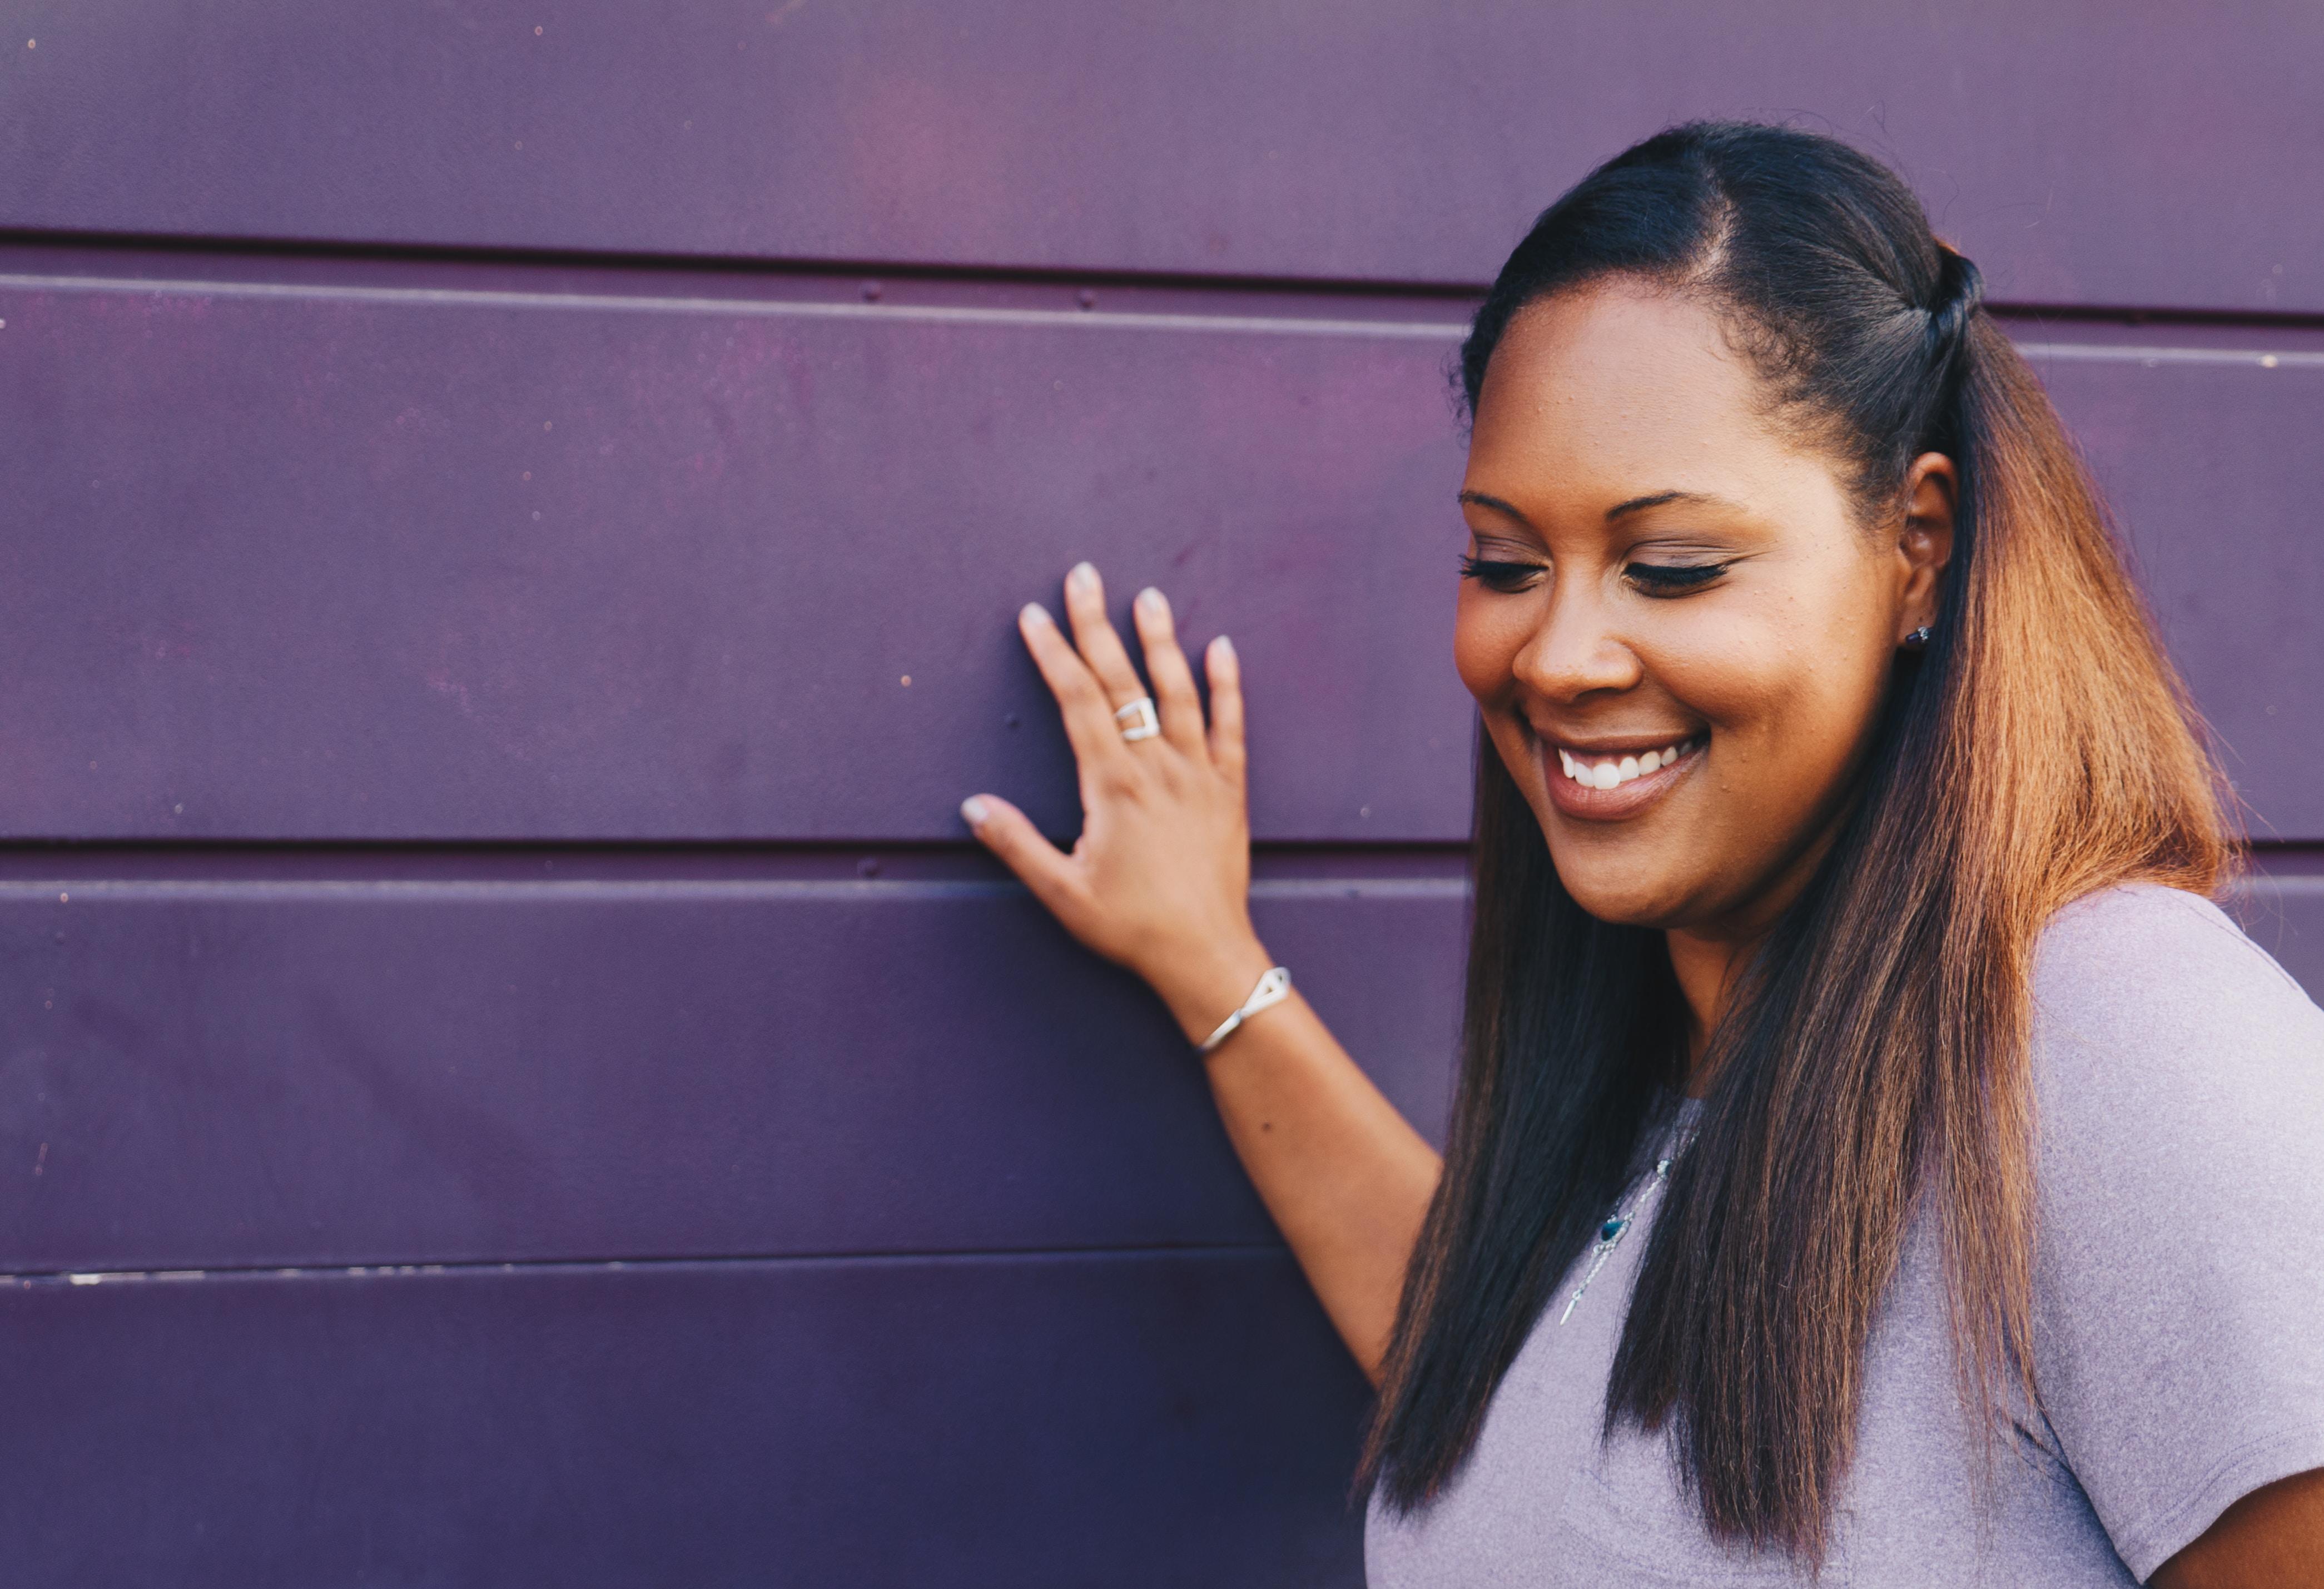 woman wearing purple shirt touching the wall